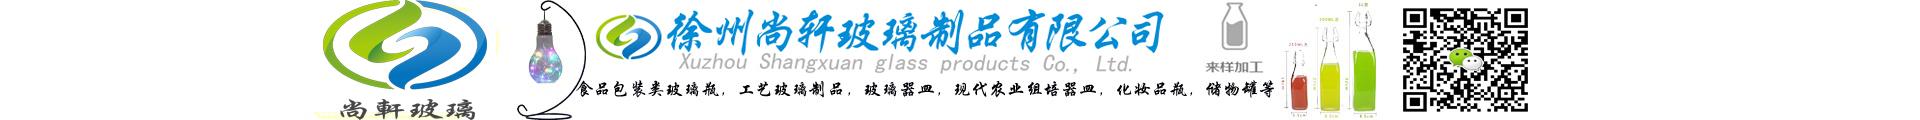 徐州尚軒玻璃製品有限公司